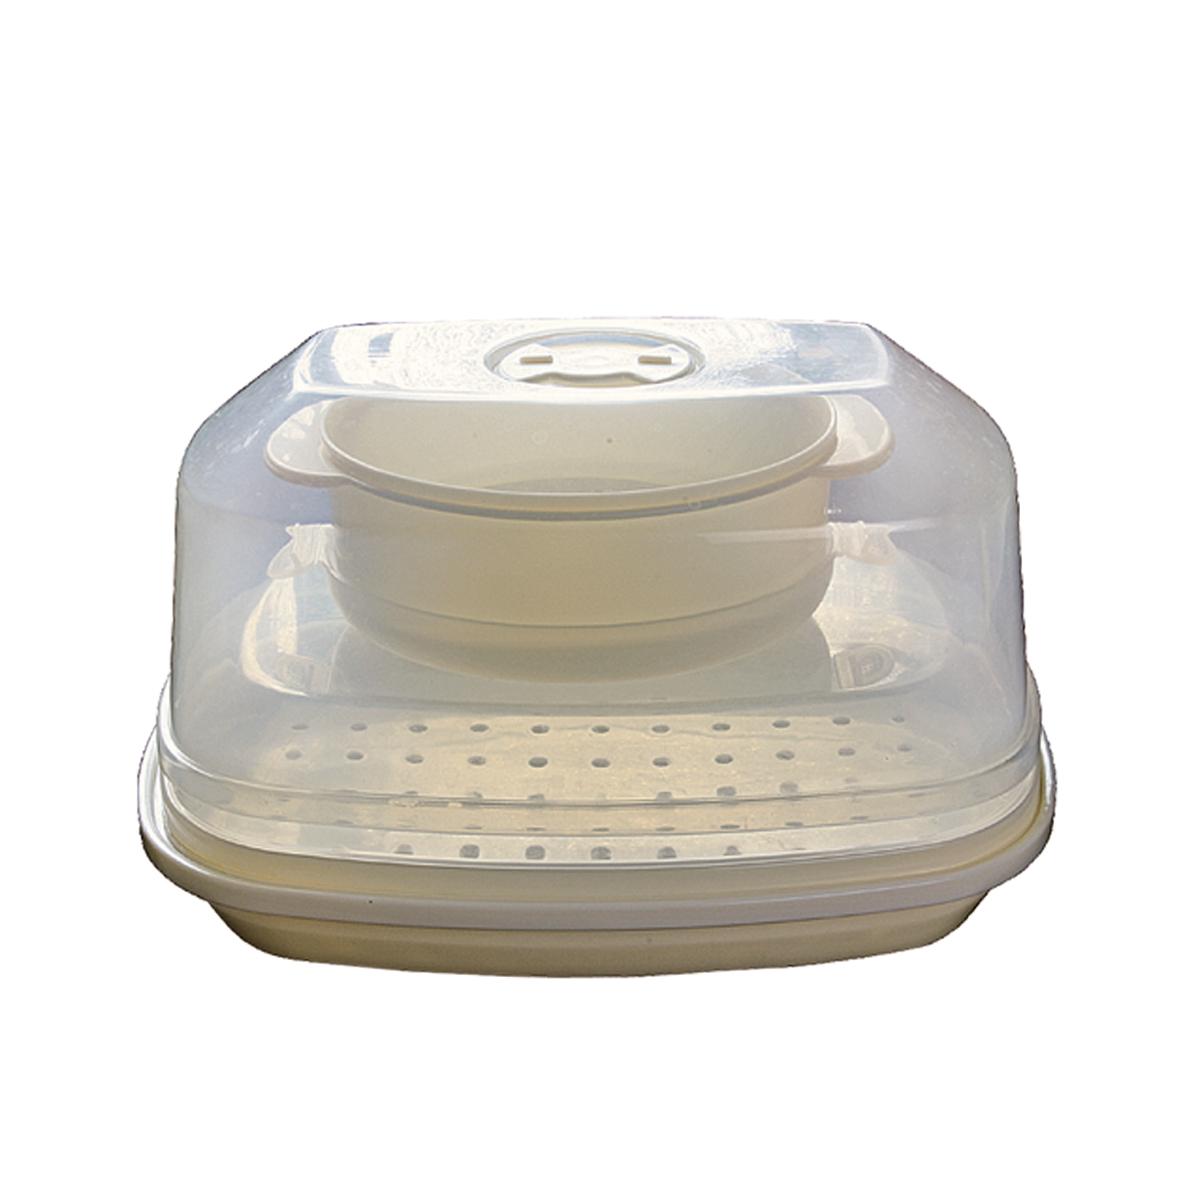 Набор пароварок для СВЧ Dekok, 2 шт. ST-501ST-501Набор Dekok состоит из двух поддонов и трех крышек, предназначенных для приготовления еды в микроволновой печи.Мощность СВЧ печи позволяет существенно ускорить время приготовления продуктов по сравнению с традиционной варкой. За несколько минут вы получаете полноценную здоровую еду! Доказано, что приготовление овощей, рыбных и мясных блюд на пару прекрасно сохраняет витамин С, минеральные вещества и микроэлементы. Пароварка не высушивает продукт, а напитывает его влагой, делая его сочным и мягким. Благодаря встроенному клапану можно контролировать паровое давление.Пароварку с продуктами можно хранить в морозильной камере. Корпус пароварки легко моется в посудомоечной машине. Размер поддонов: 28 см x 19 см x 4 см; 18 см х 12,5 см х 5,5 см.Размер крышек: 18,5 см x 27 см x 11 см; 27,5 см х 18,5 см х 5 см; 19 см х 13 см х 2,5 см.